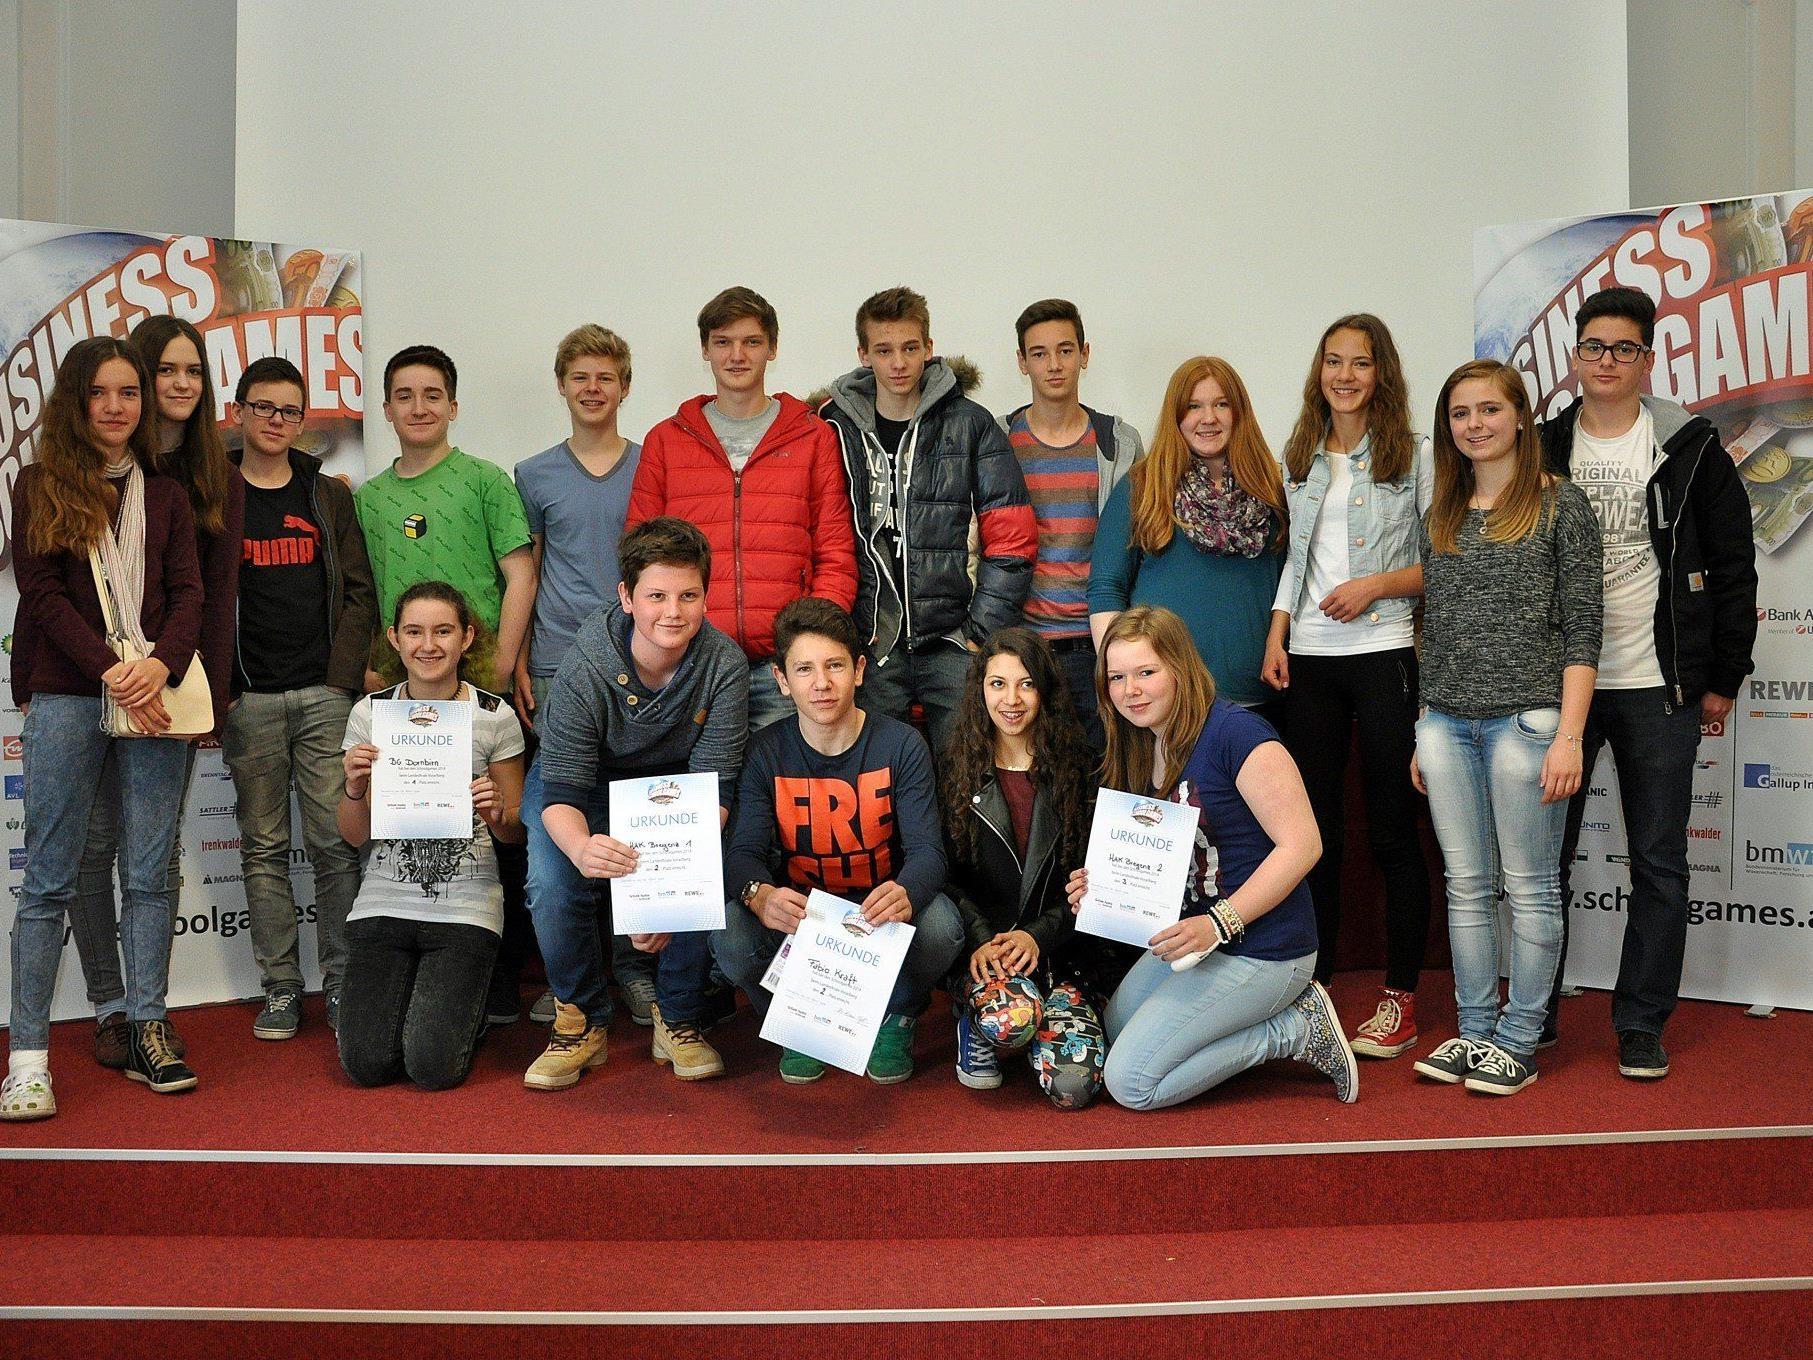 Die besten Teams aus Vorarlberg vertreten das Ländle beim Bundesfinale der Business Schoolgames am 23. Mai in Wien.